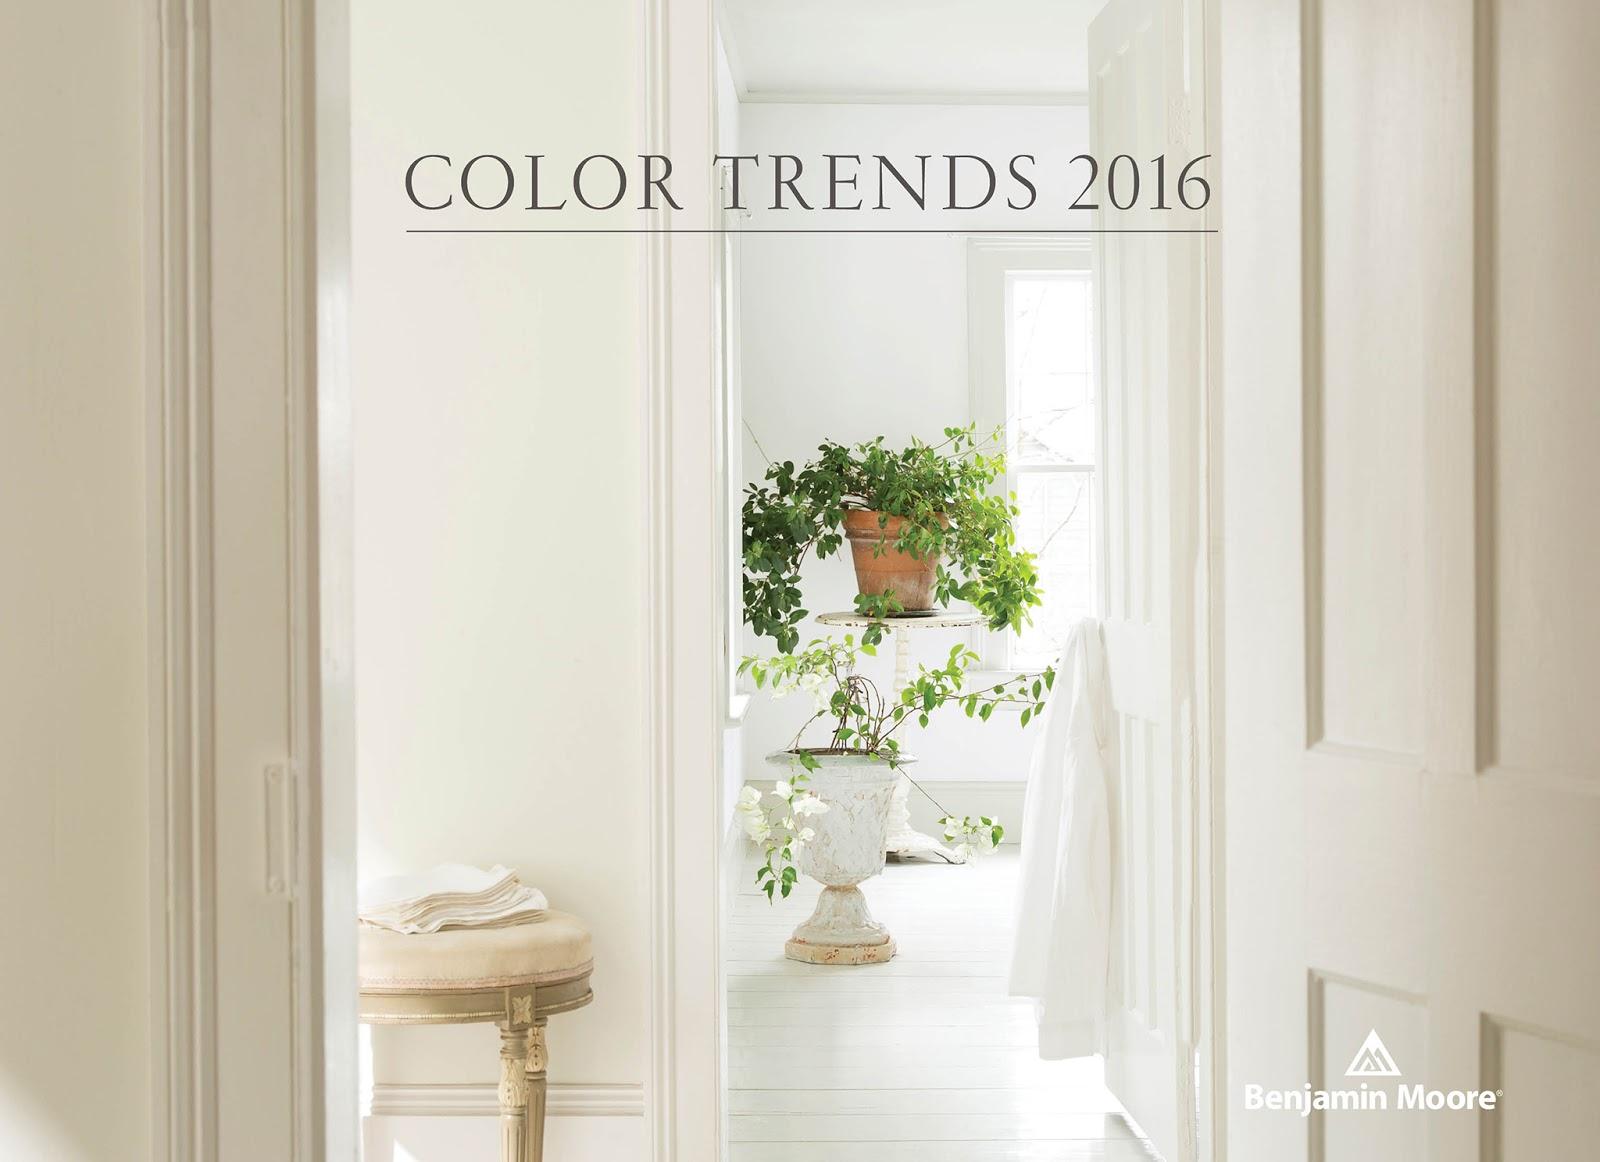 Trendsetter Interiors: Benjamin Moore Color Trends 2016